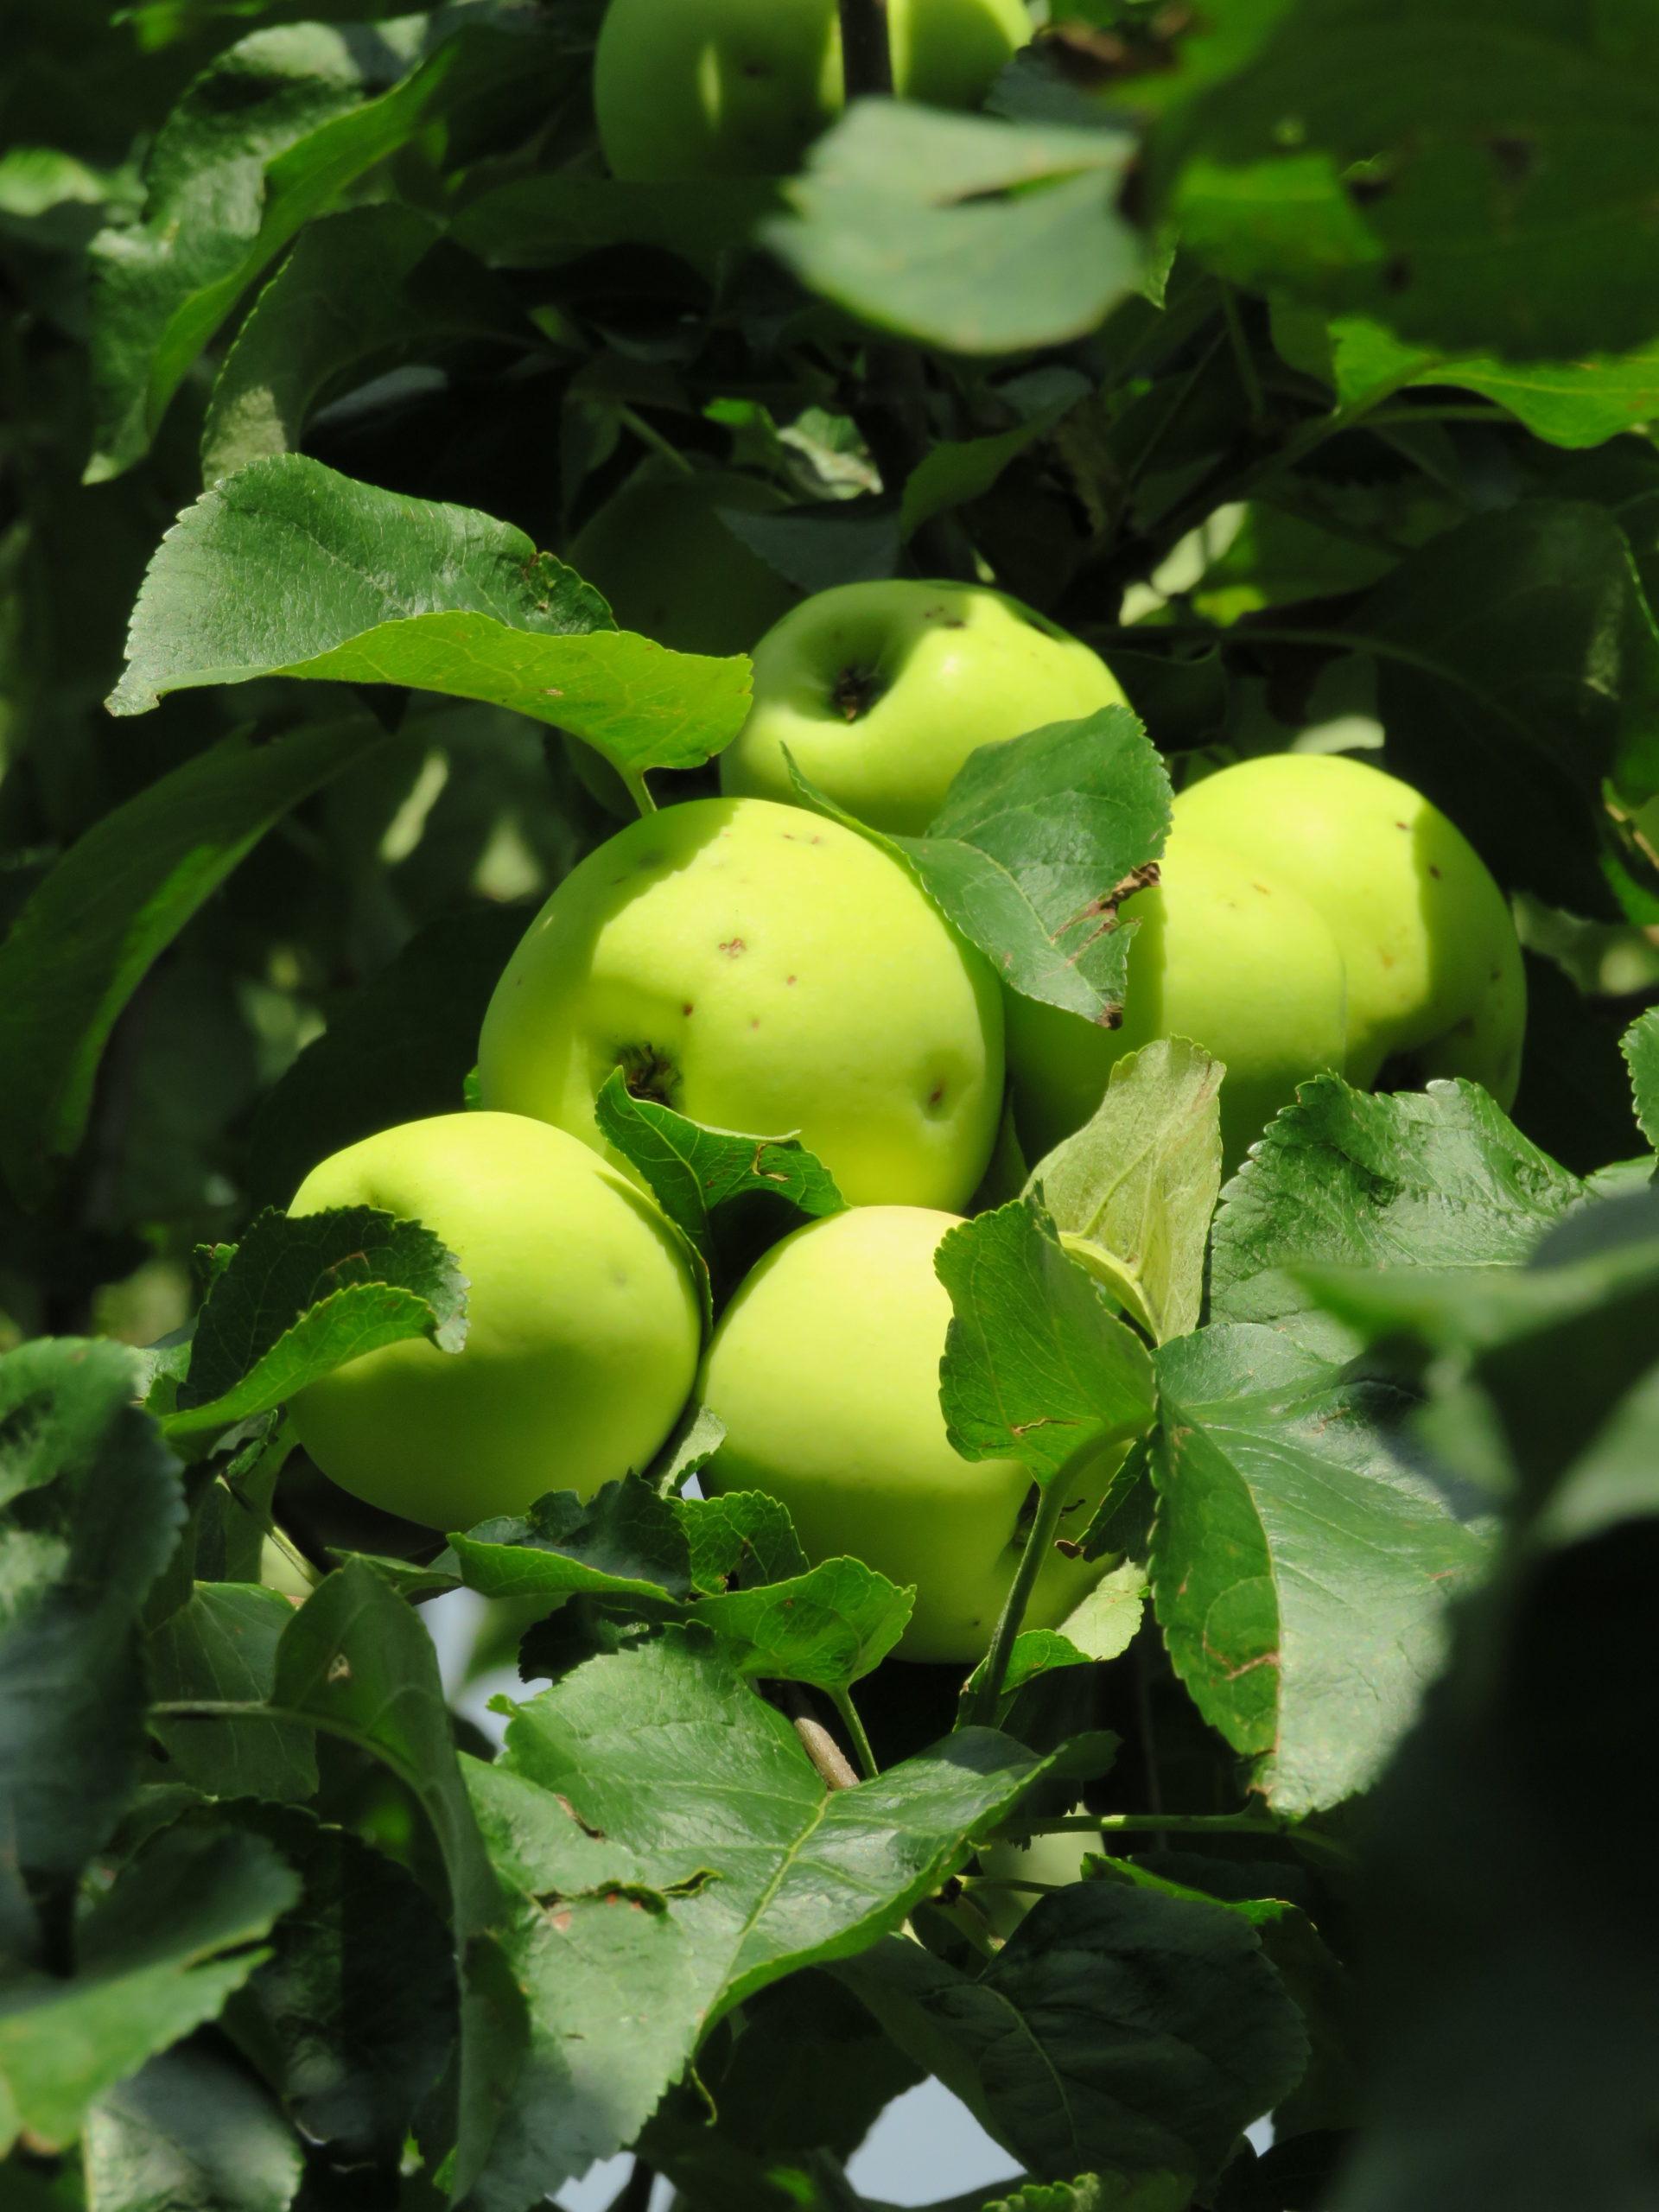 ... bis hin zum knackigen Apfel